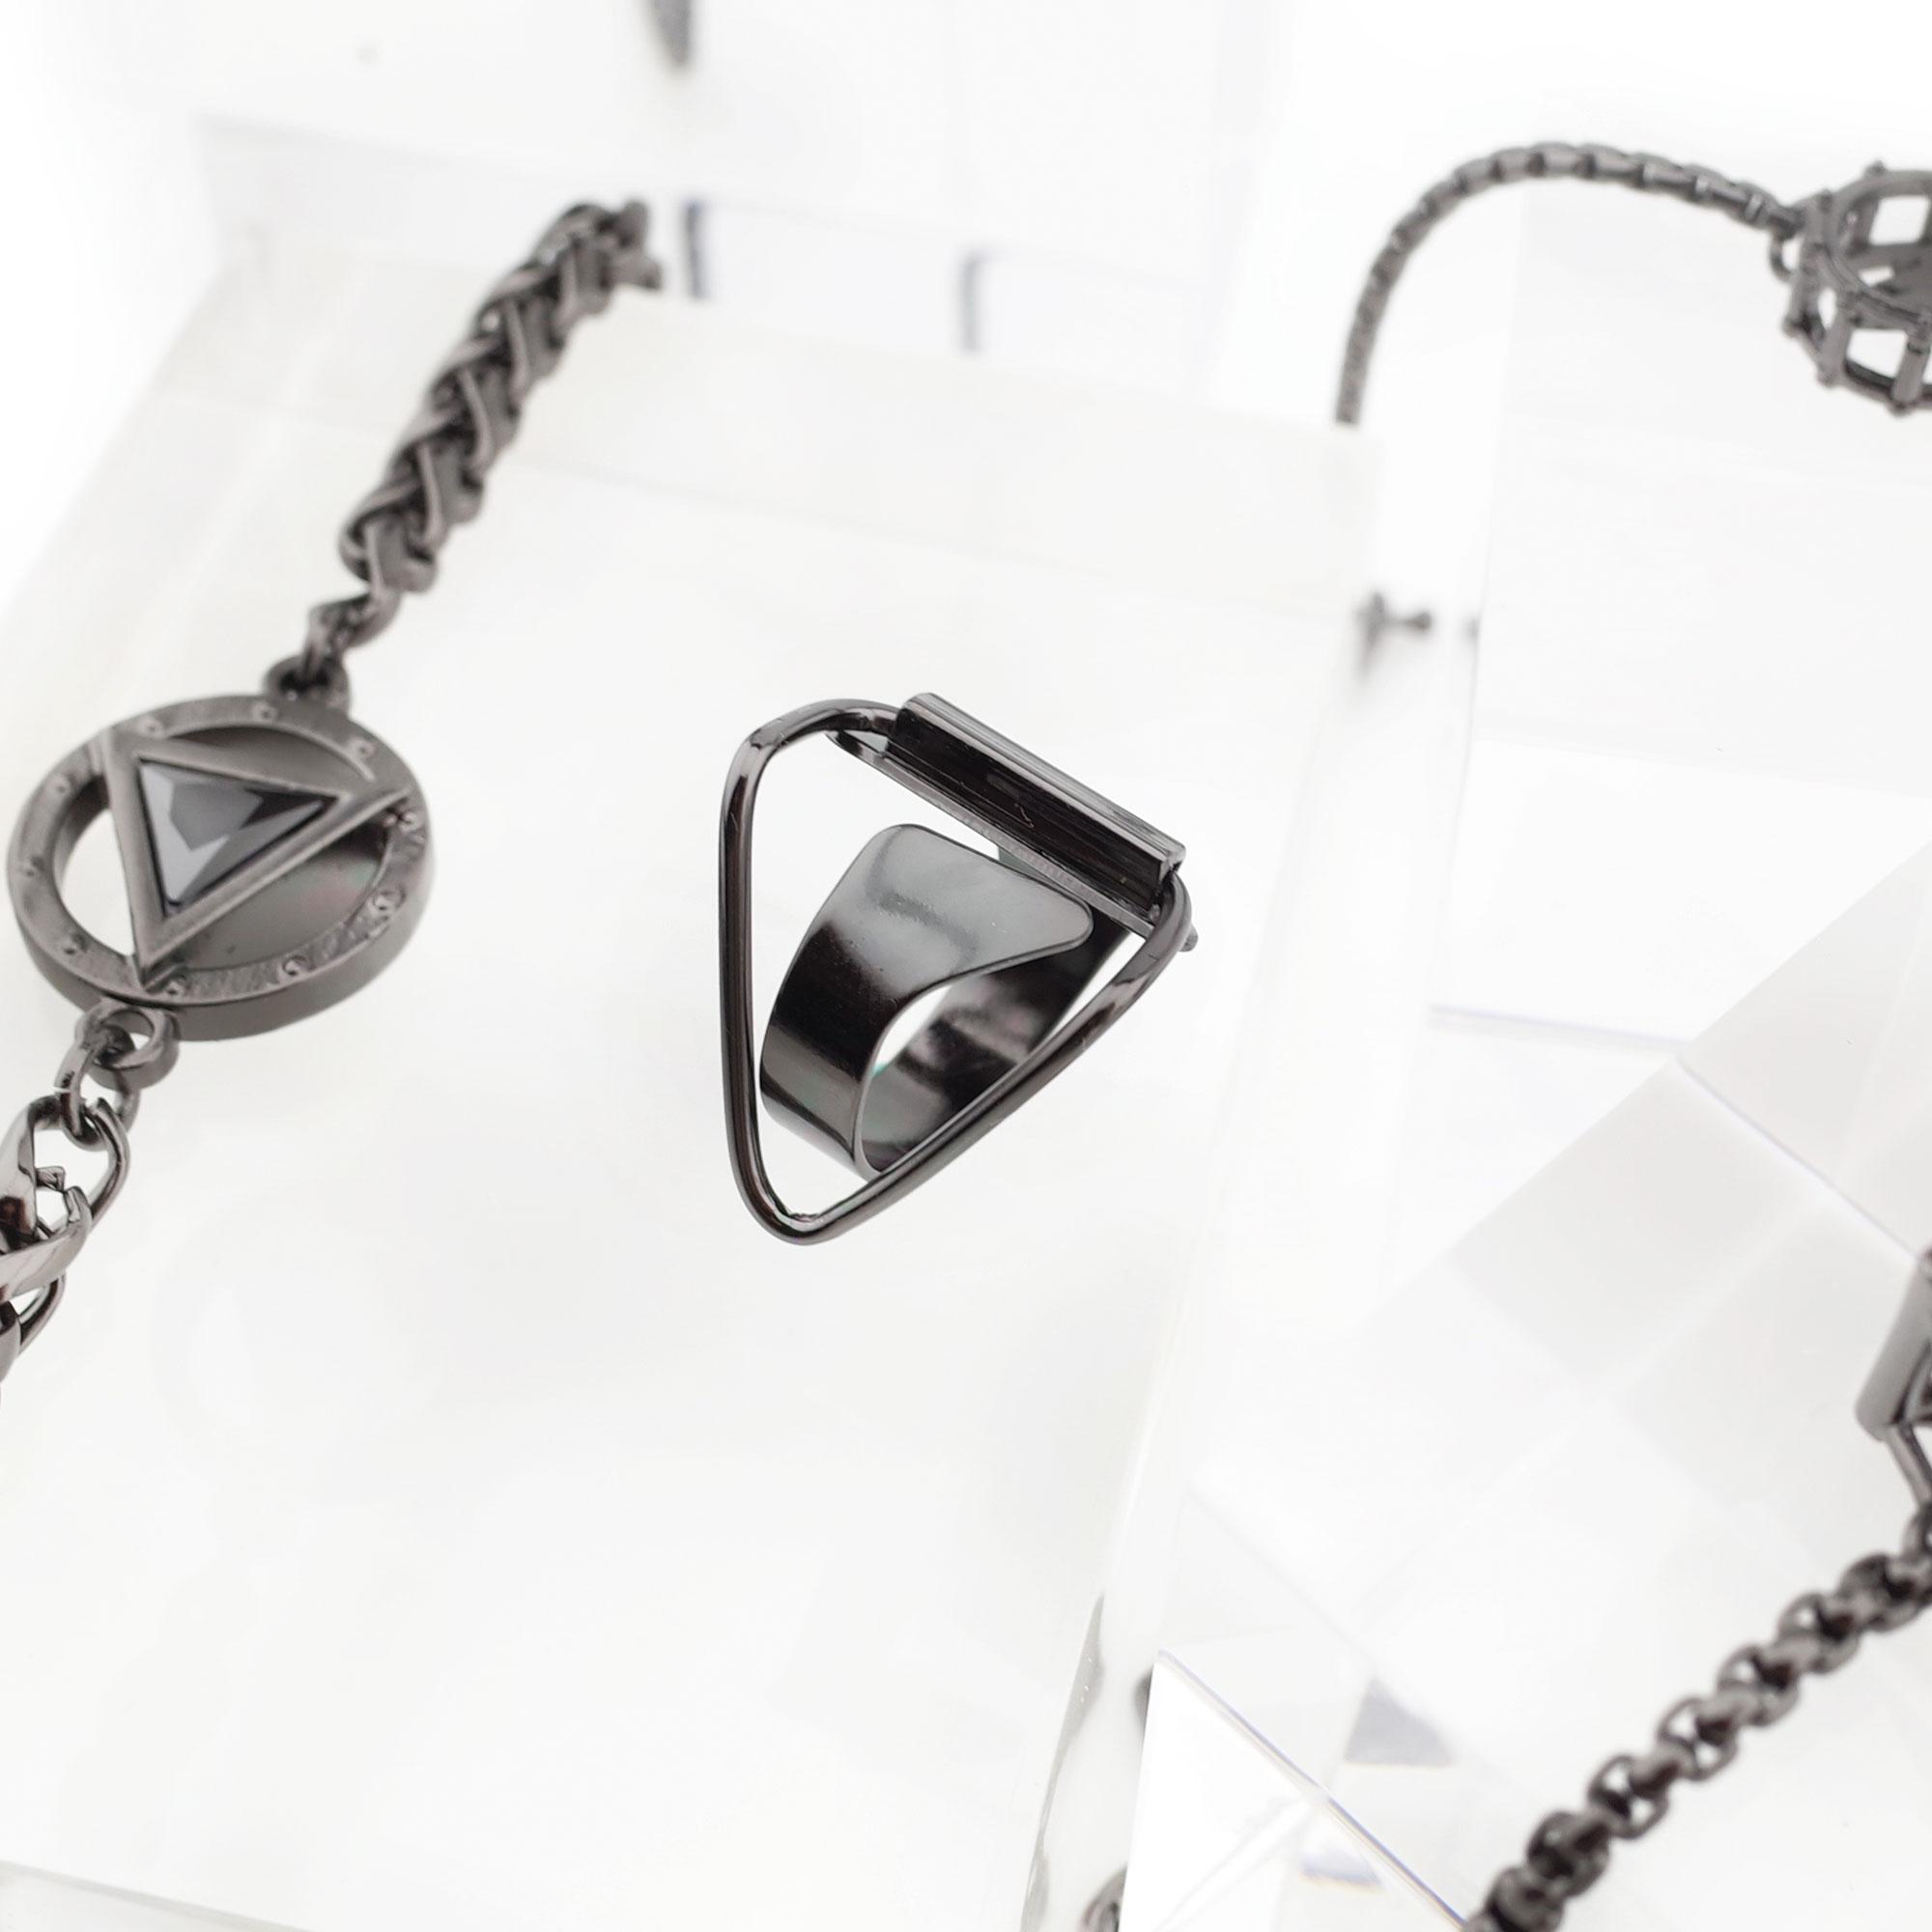 NEW NOISE 音樂飾品實驗所-PLAY關節式立體戒指